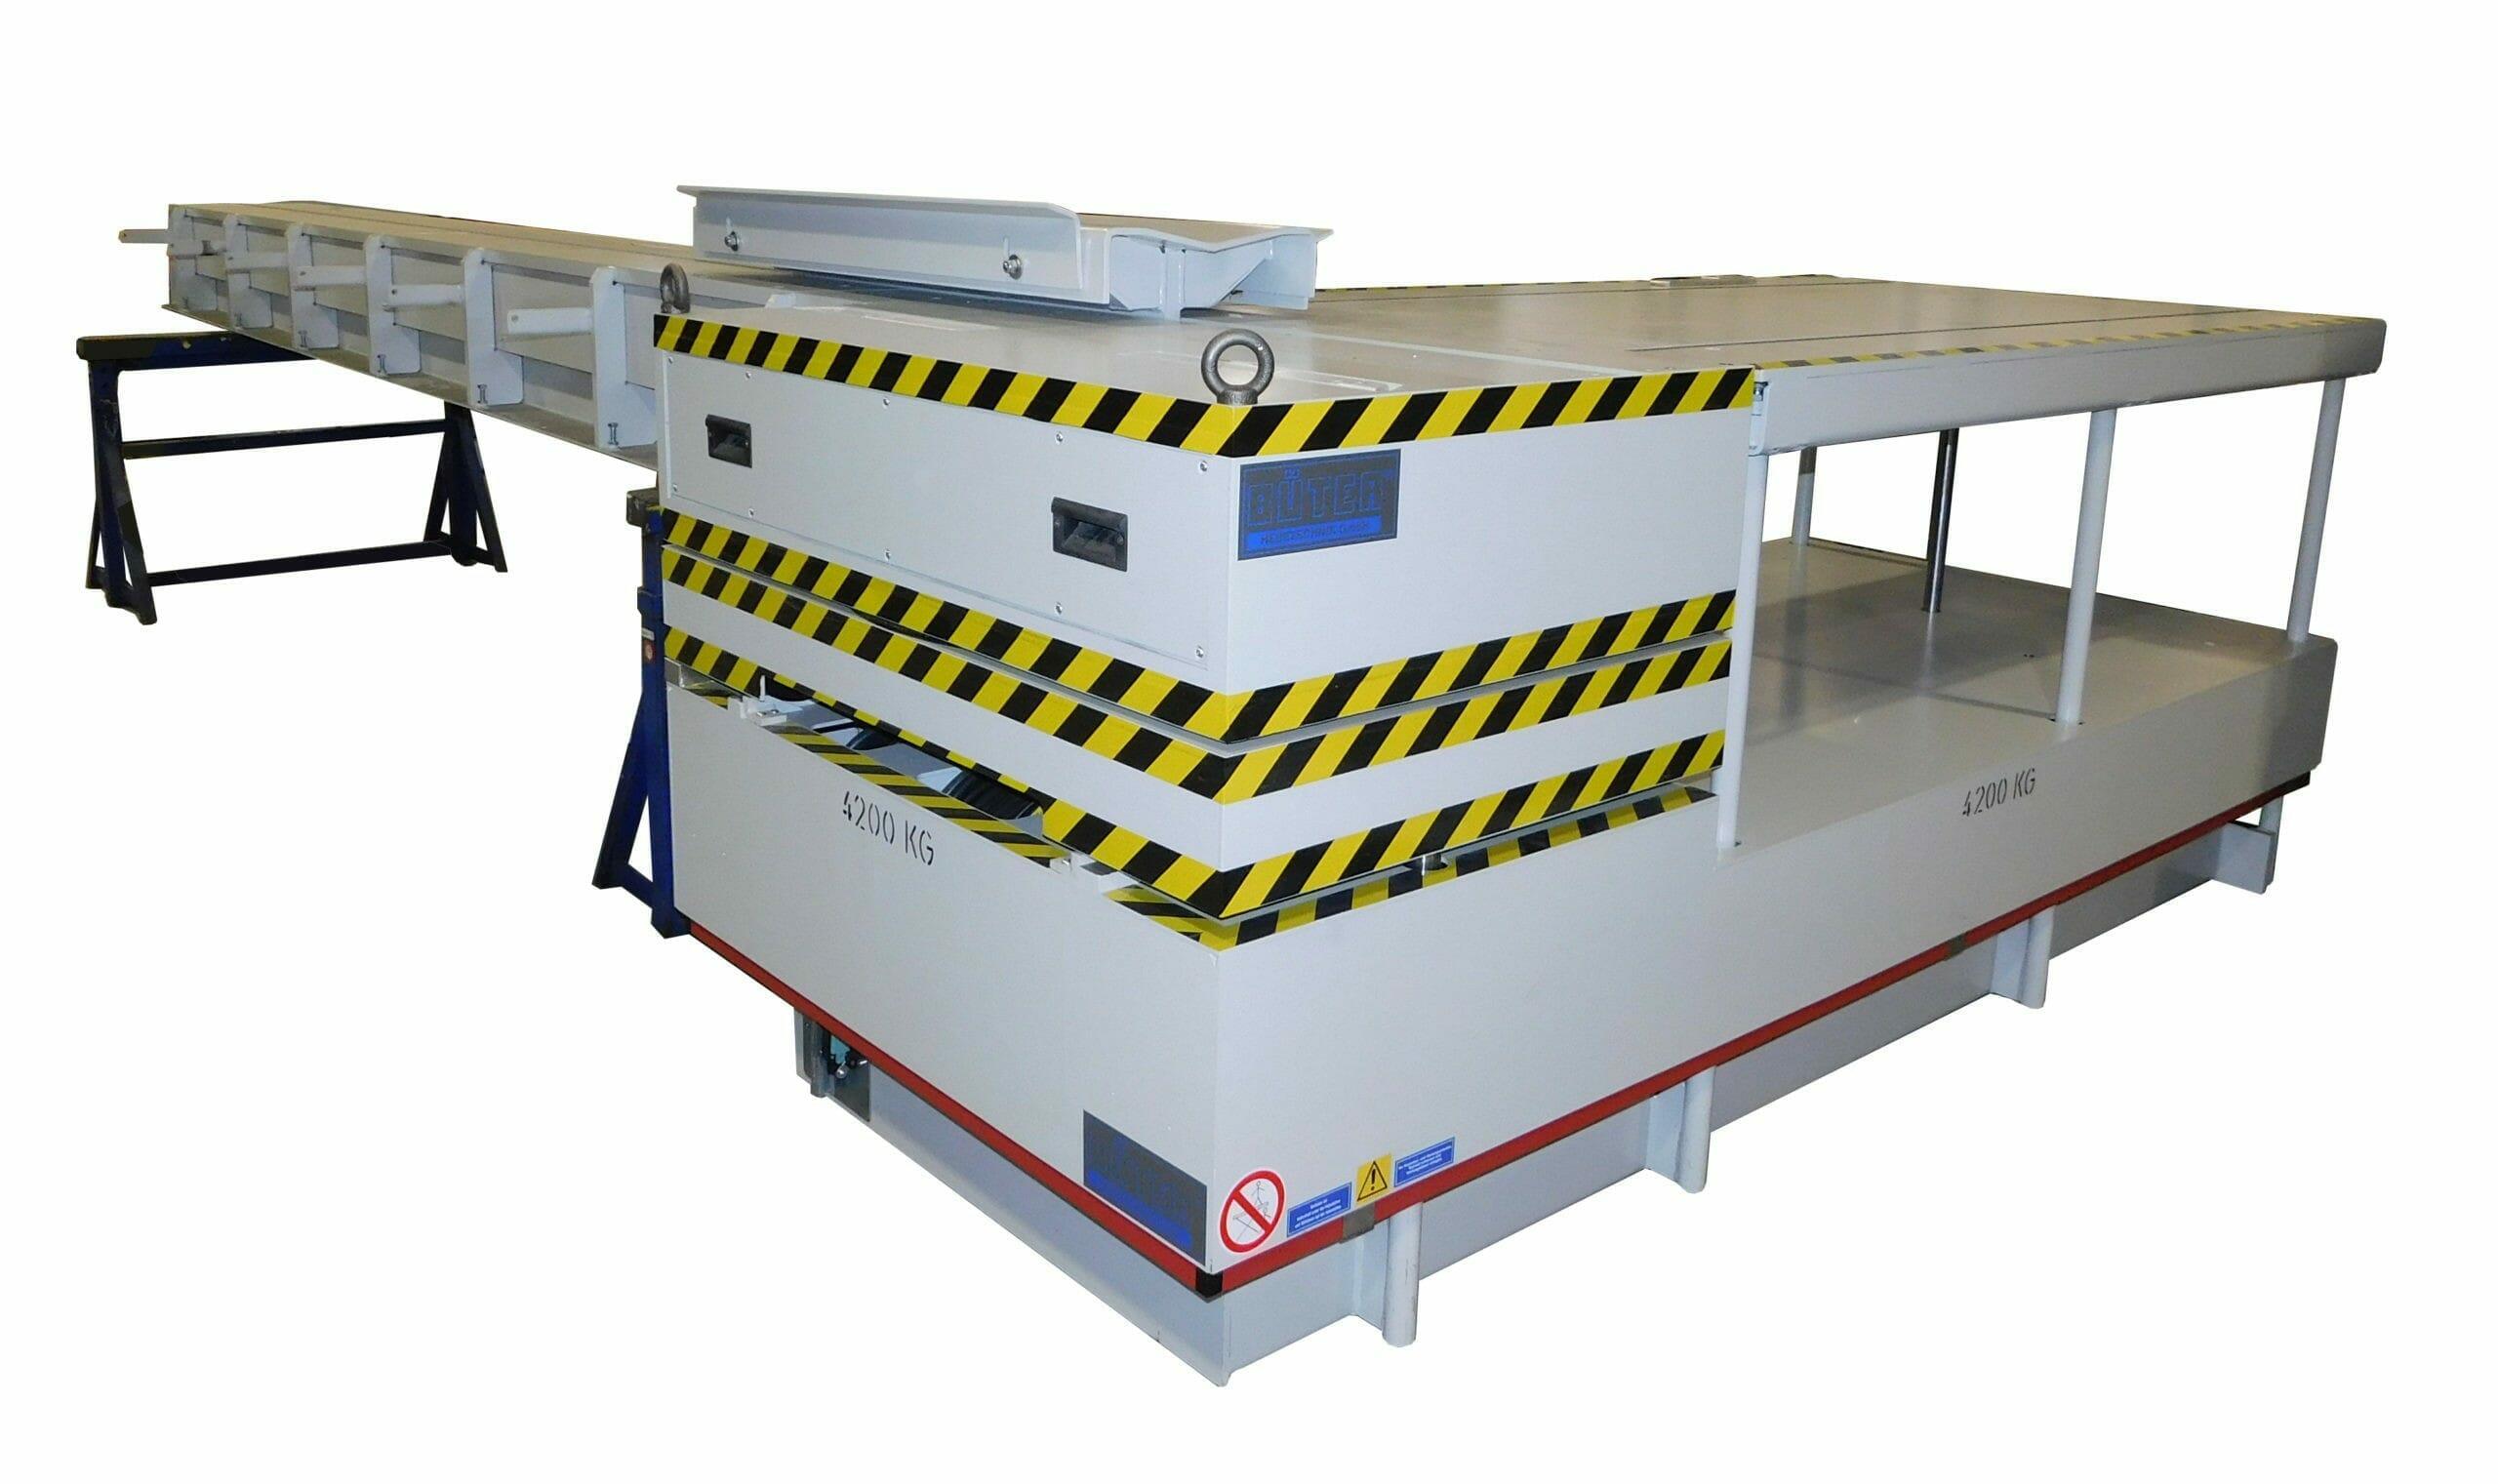 Abbildung Papier und Kunststoff Coiltransporter hochgefahren